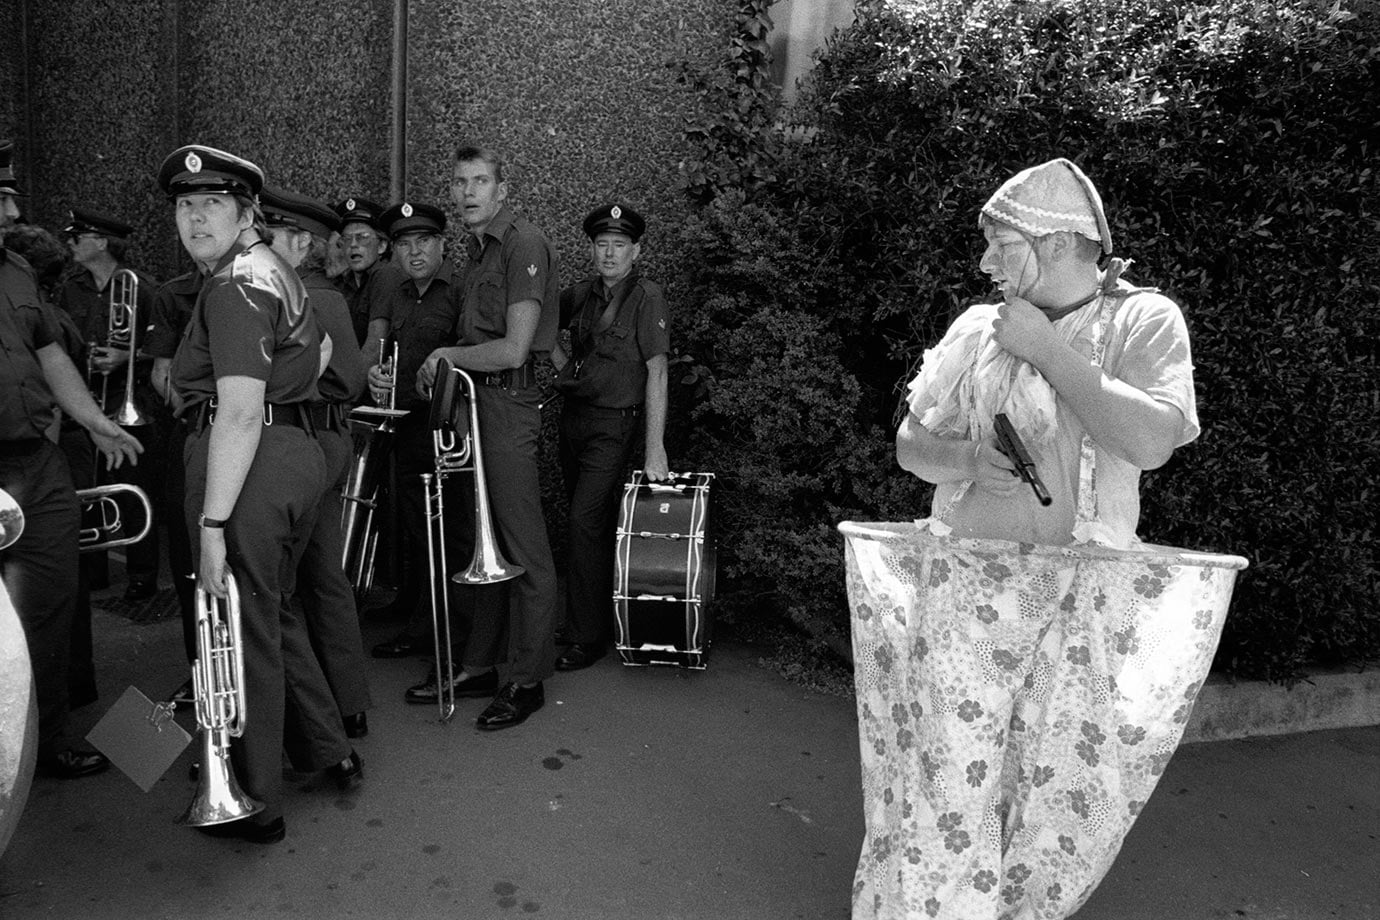 Santa Parade, Christchurch, 1989, Bruce Foster, NZ